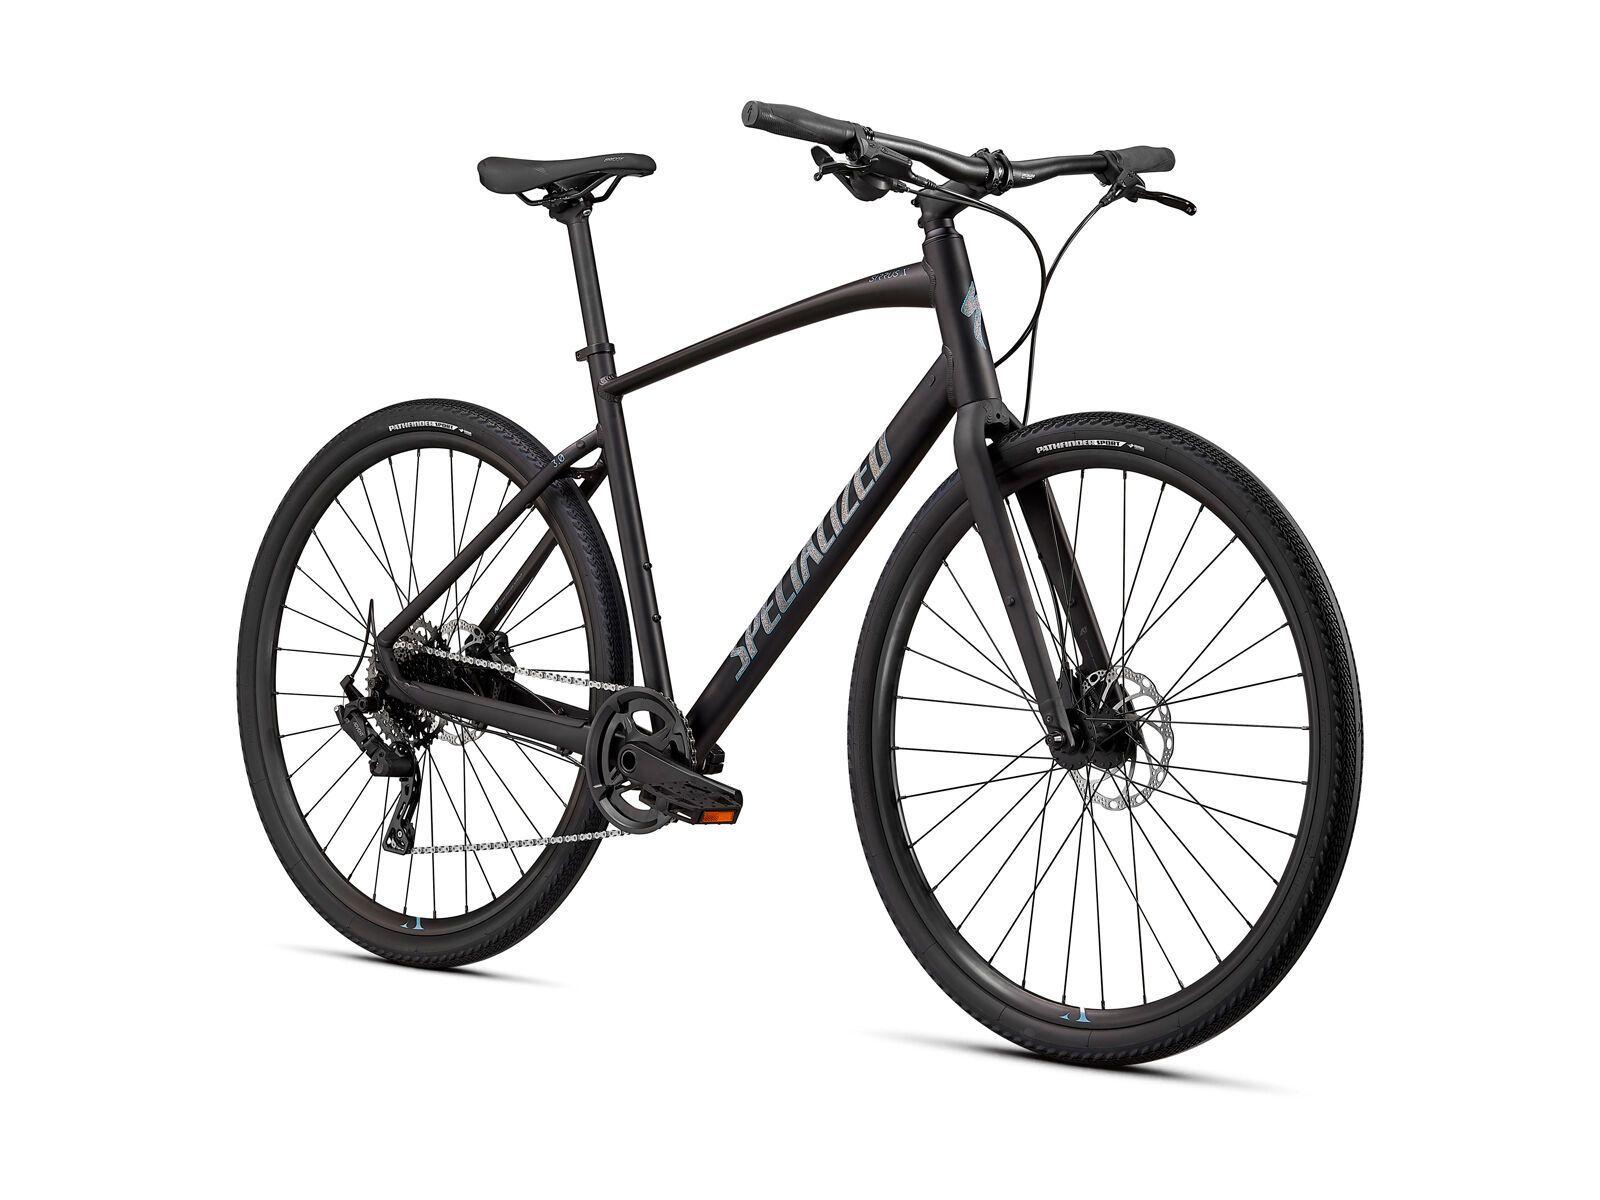 Specialized Sirrus X 3.0, black/grey/black reflective | Bild 2